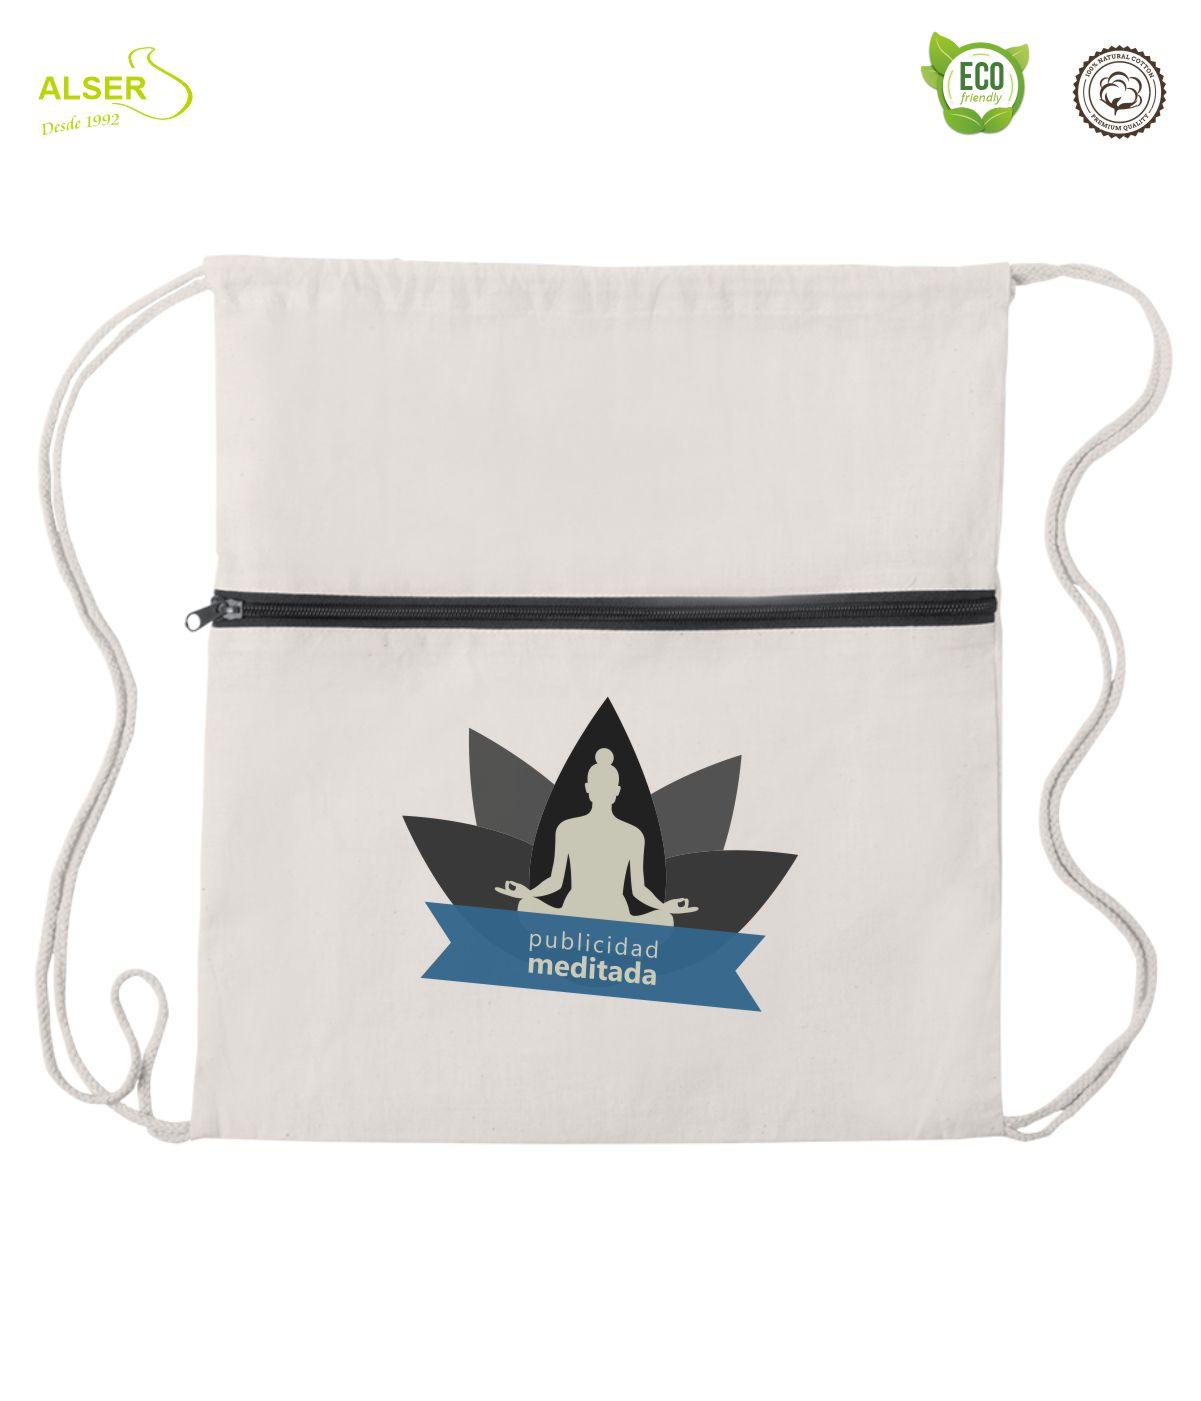 mochila de cuerdas con cremallera cuatro colores de cremallera negra